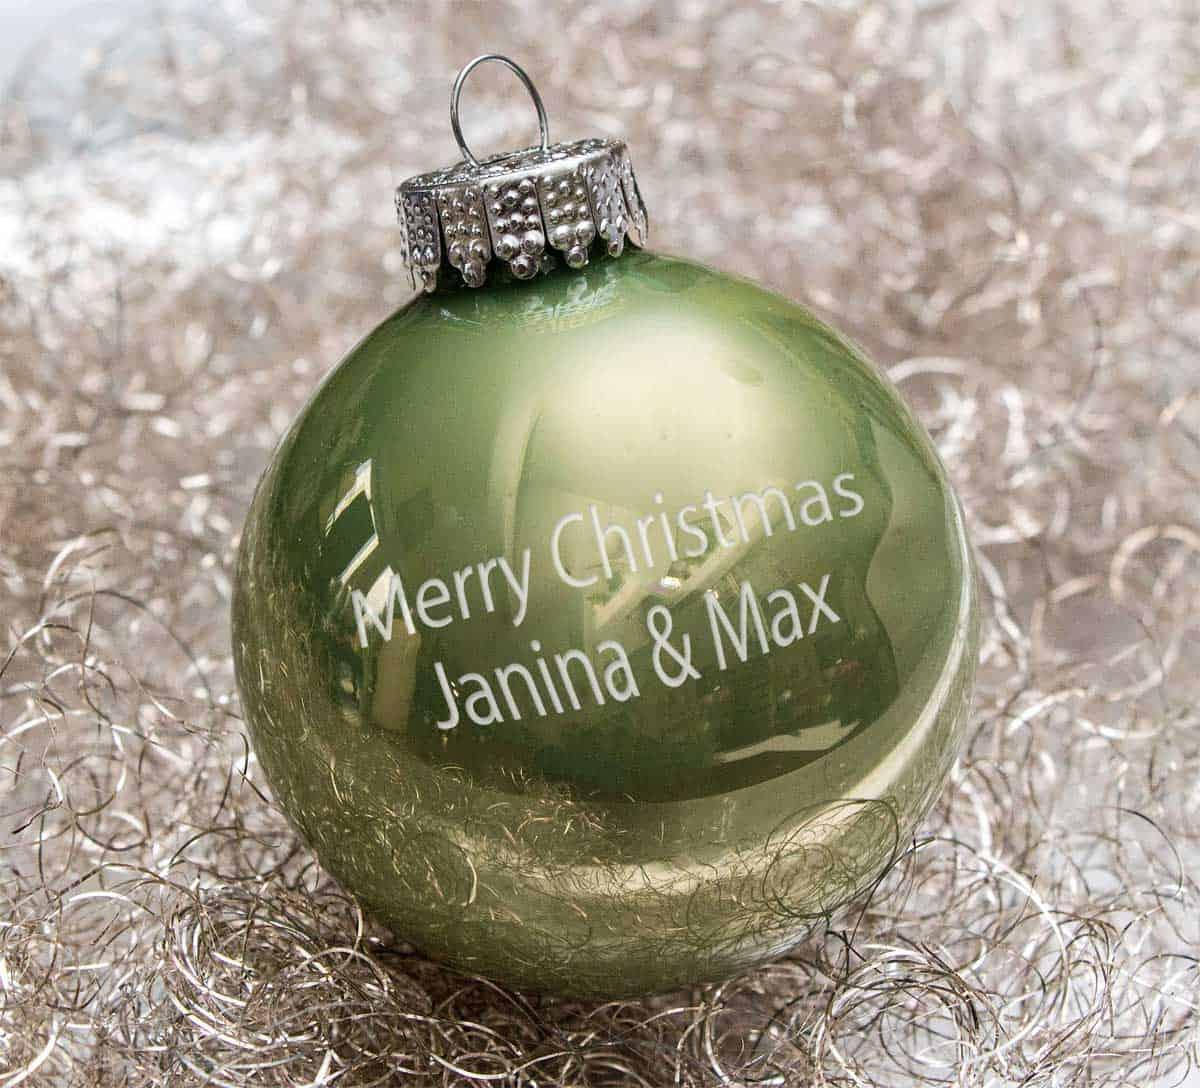 Pastellfarbene Christbaumkugeln.Weihnachtskugeln Pastellfarben Christbaumkugeln